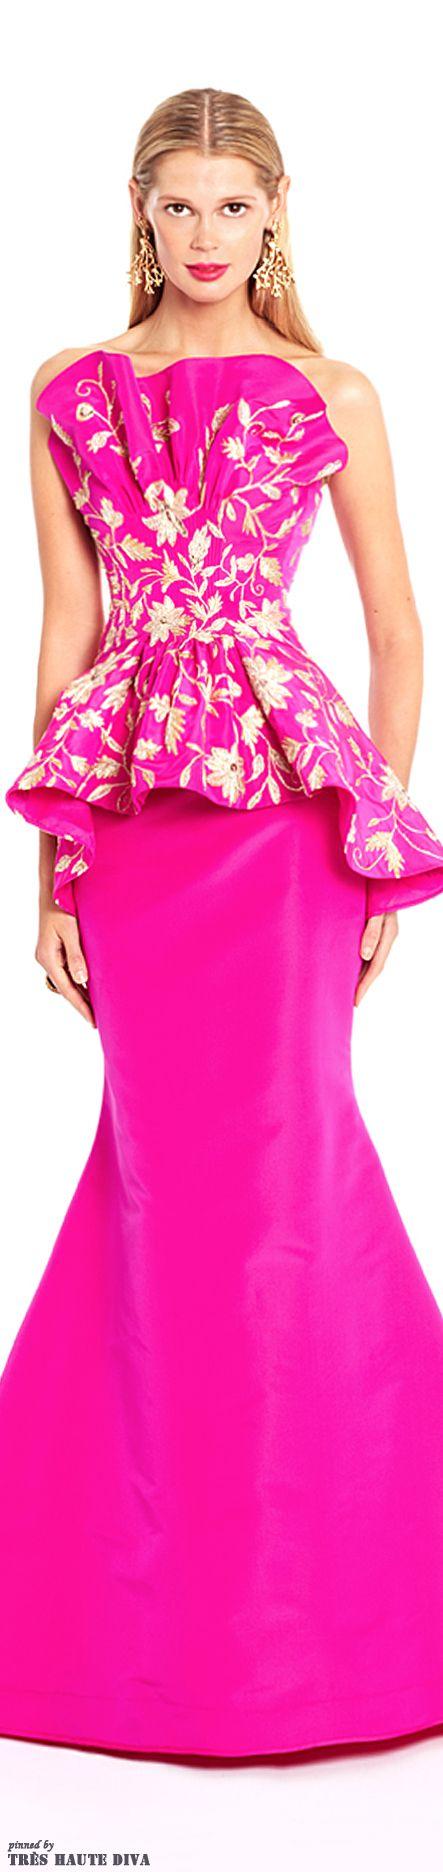 Oscar De La Renta Resort Collection 2015 for Women (11)